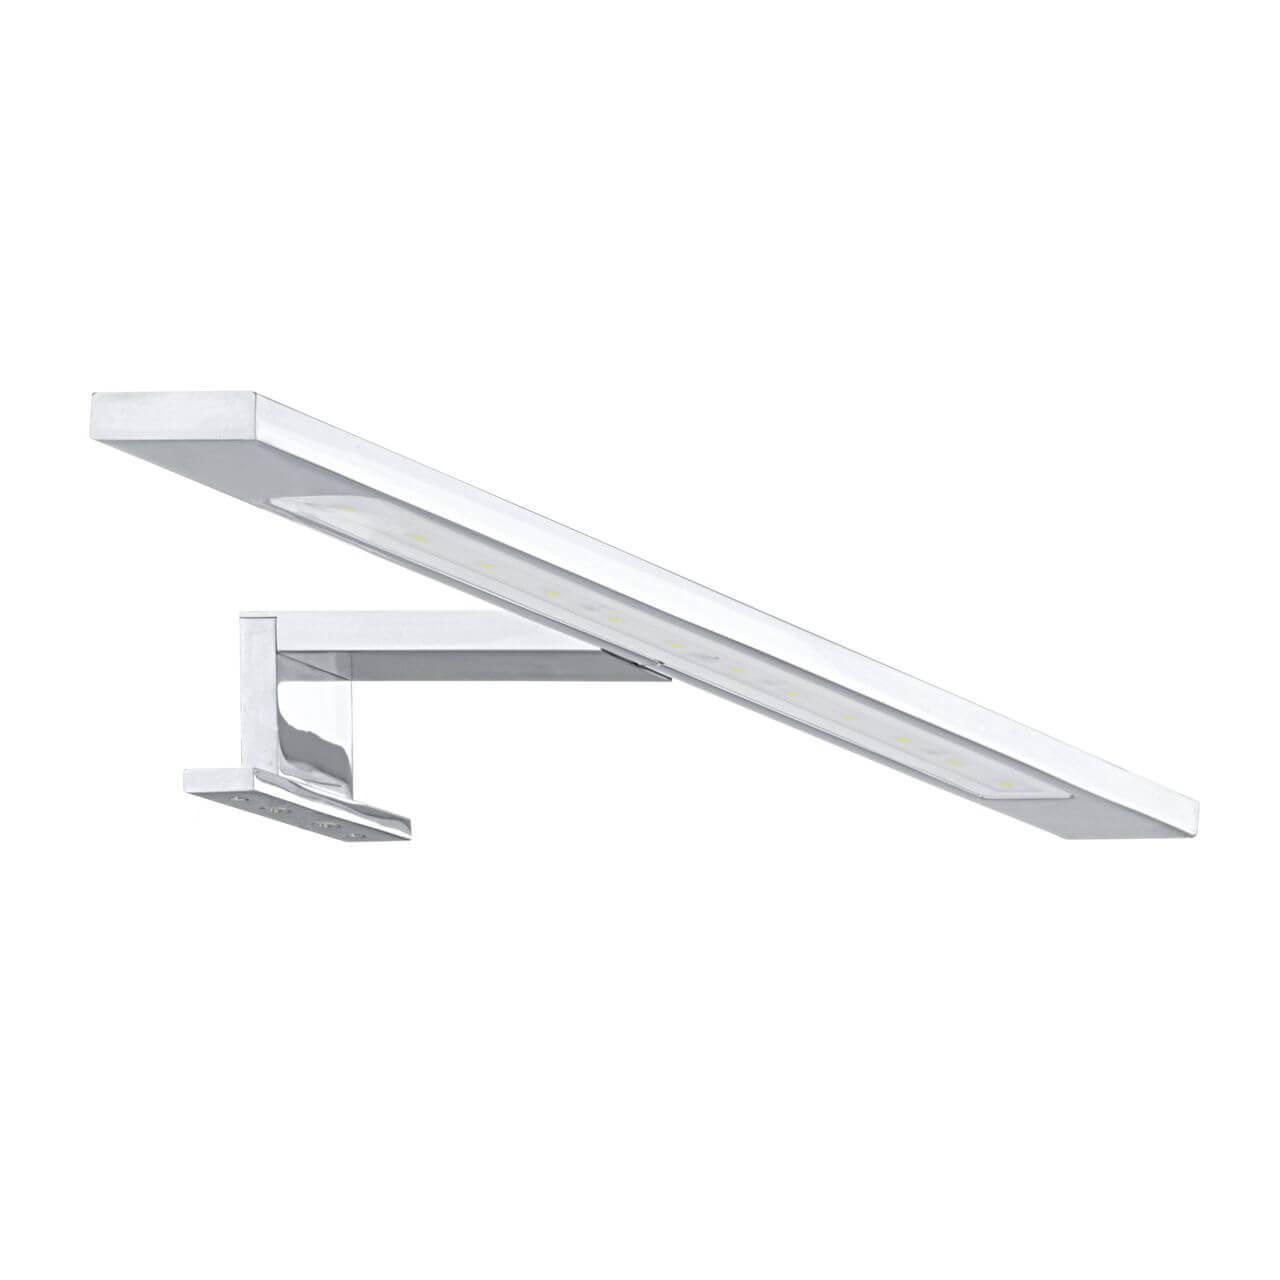 Настенный светодиодный светильник Eglo Imene 92095 цена